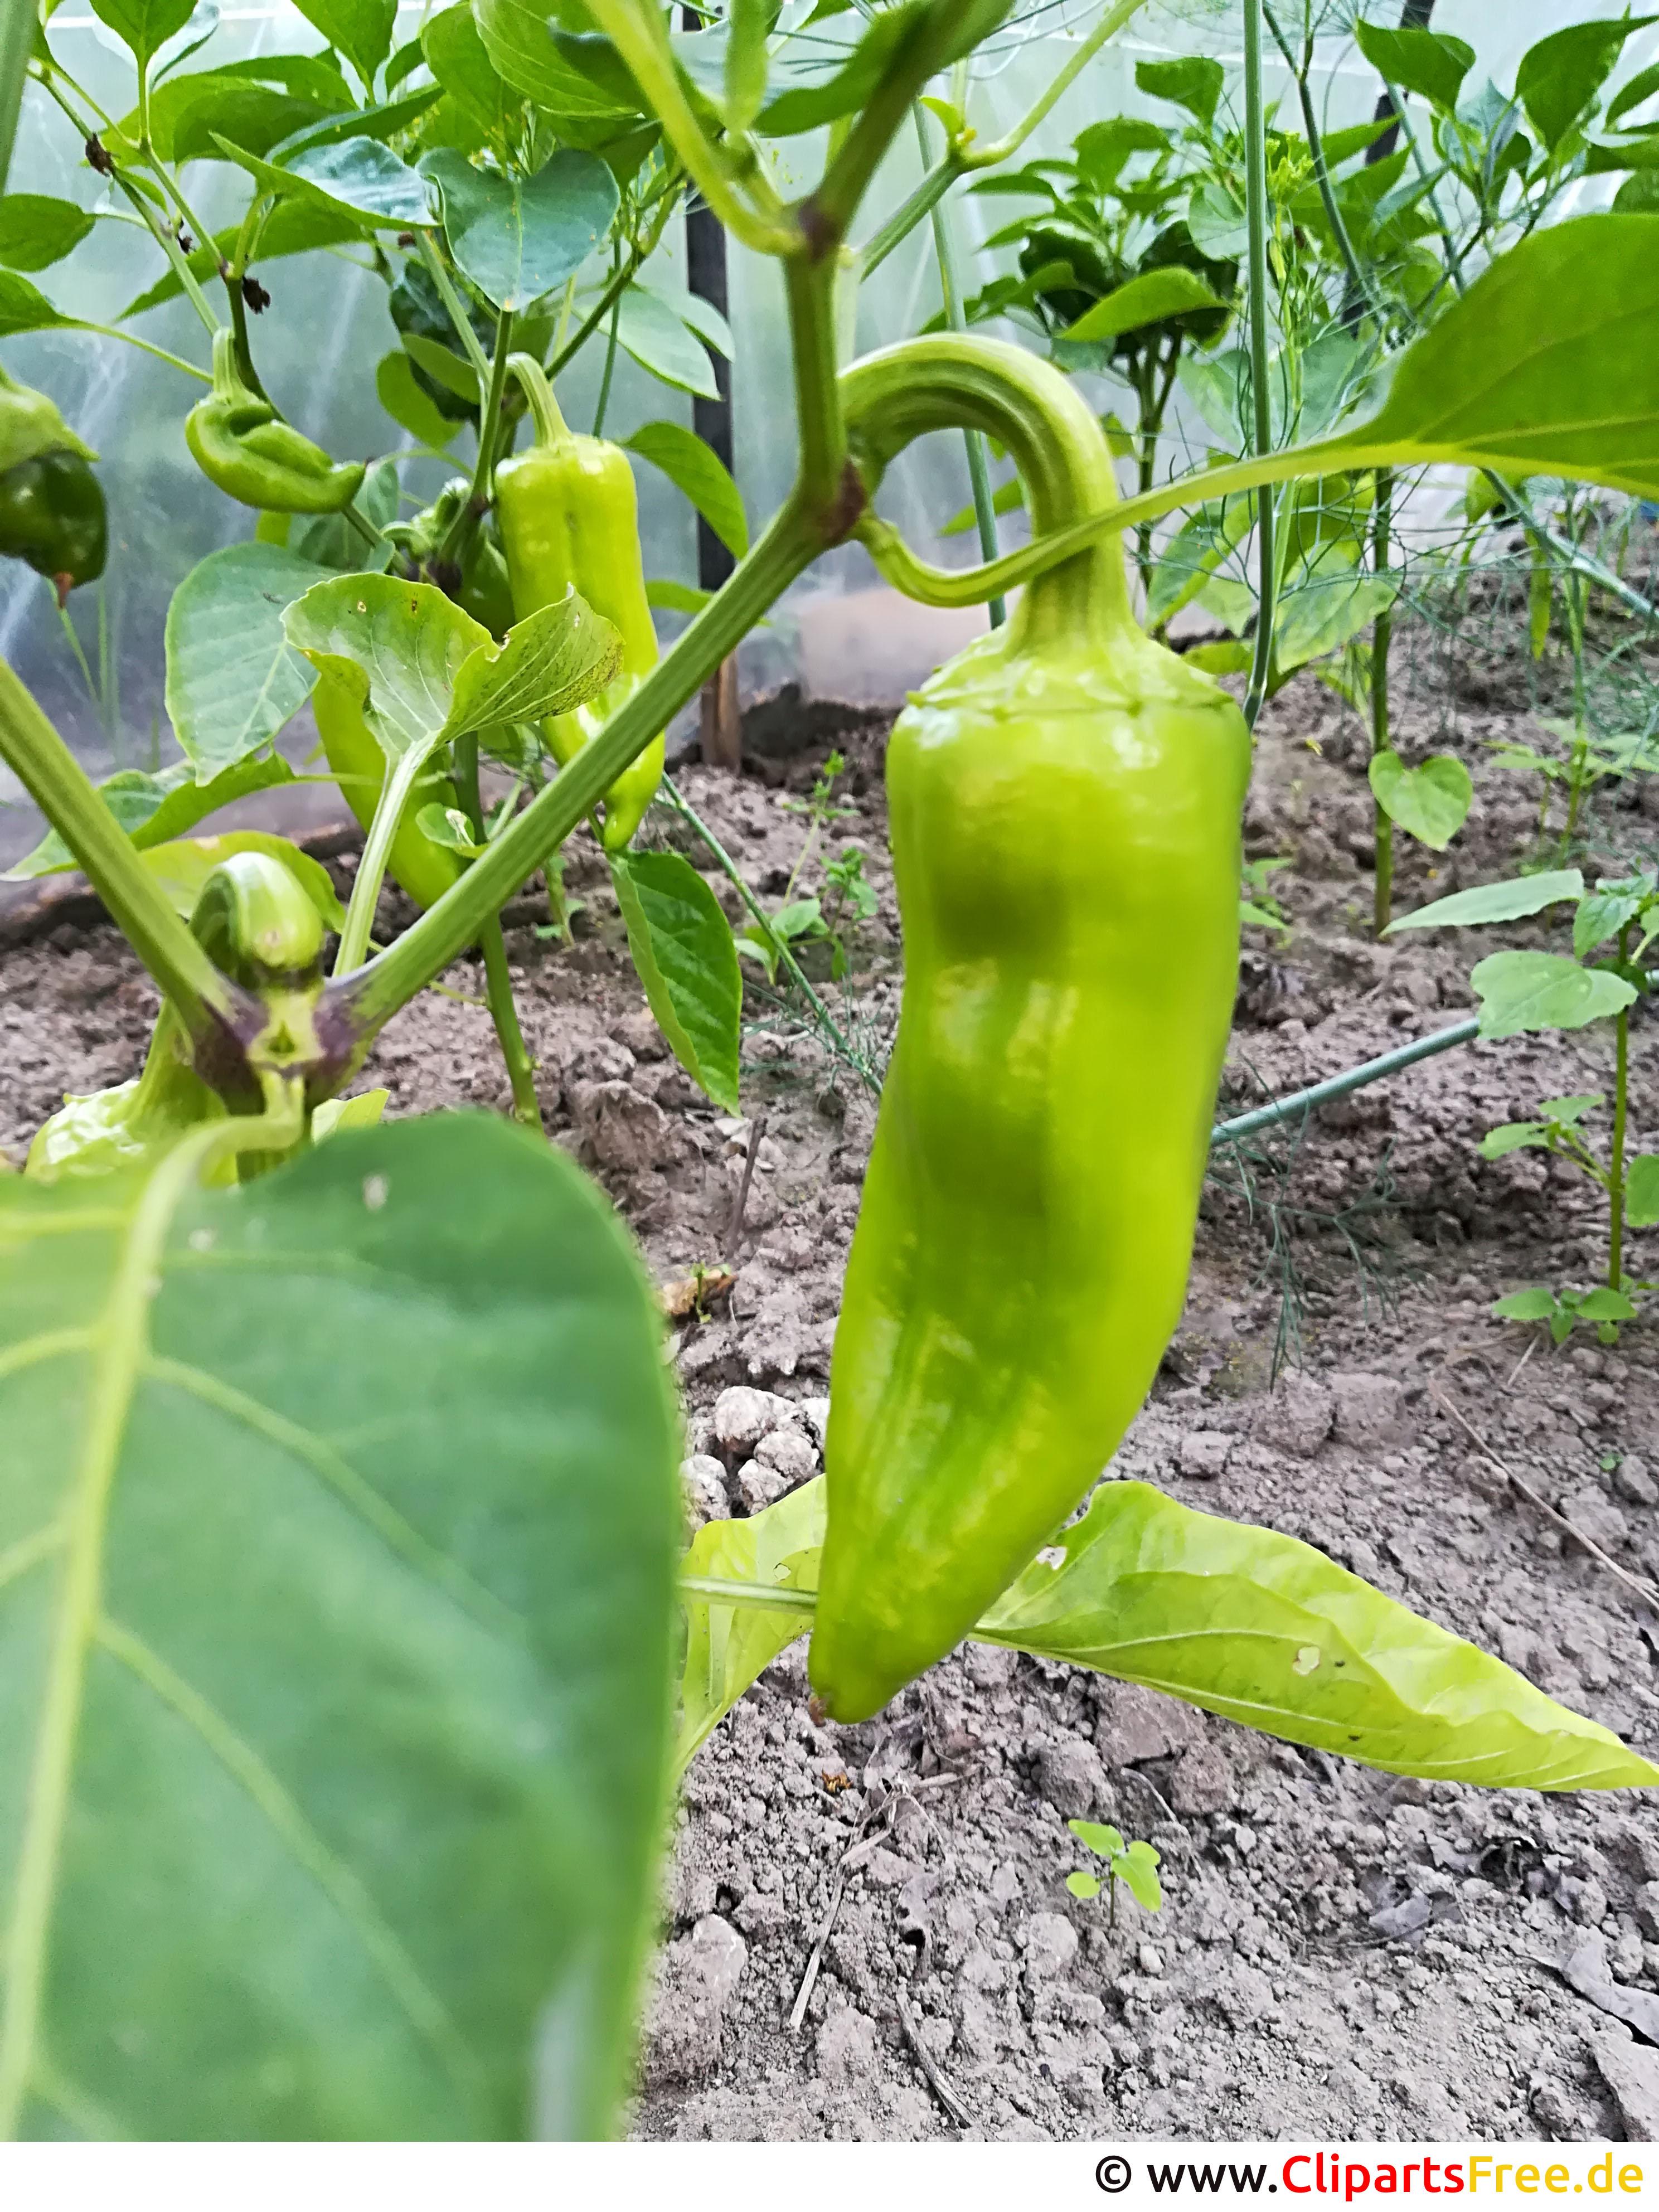 Grüne Paprika im Garten Bild, Foto, Grafik kostenlos